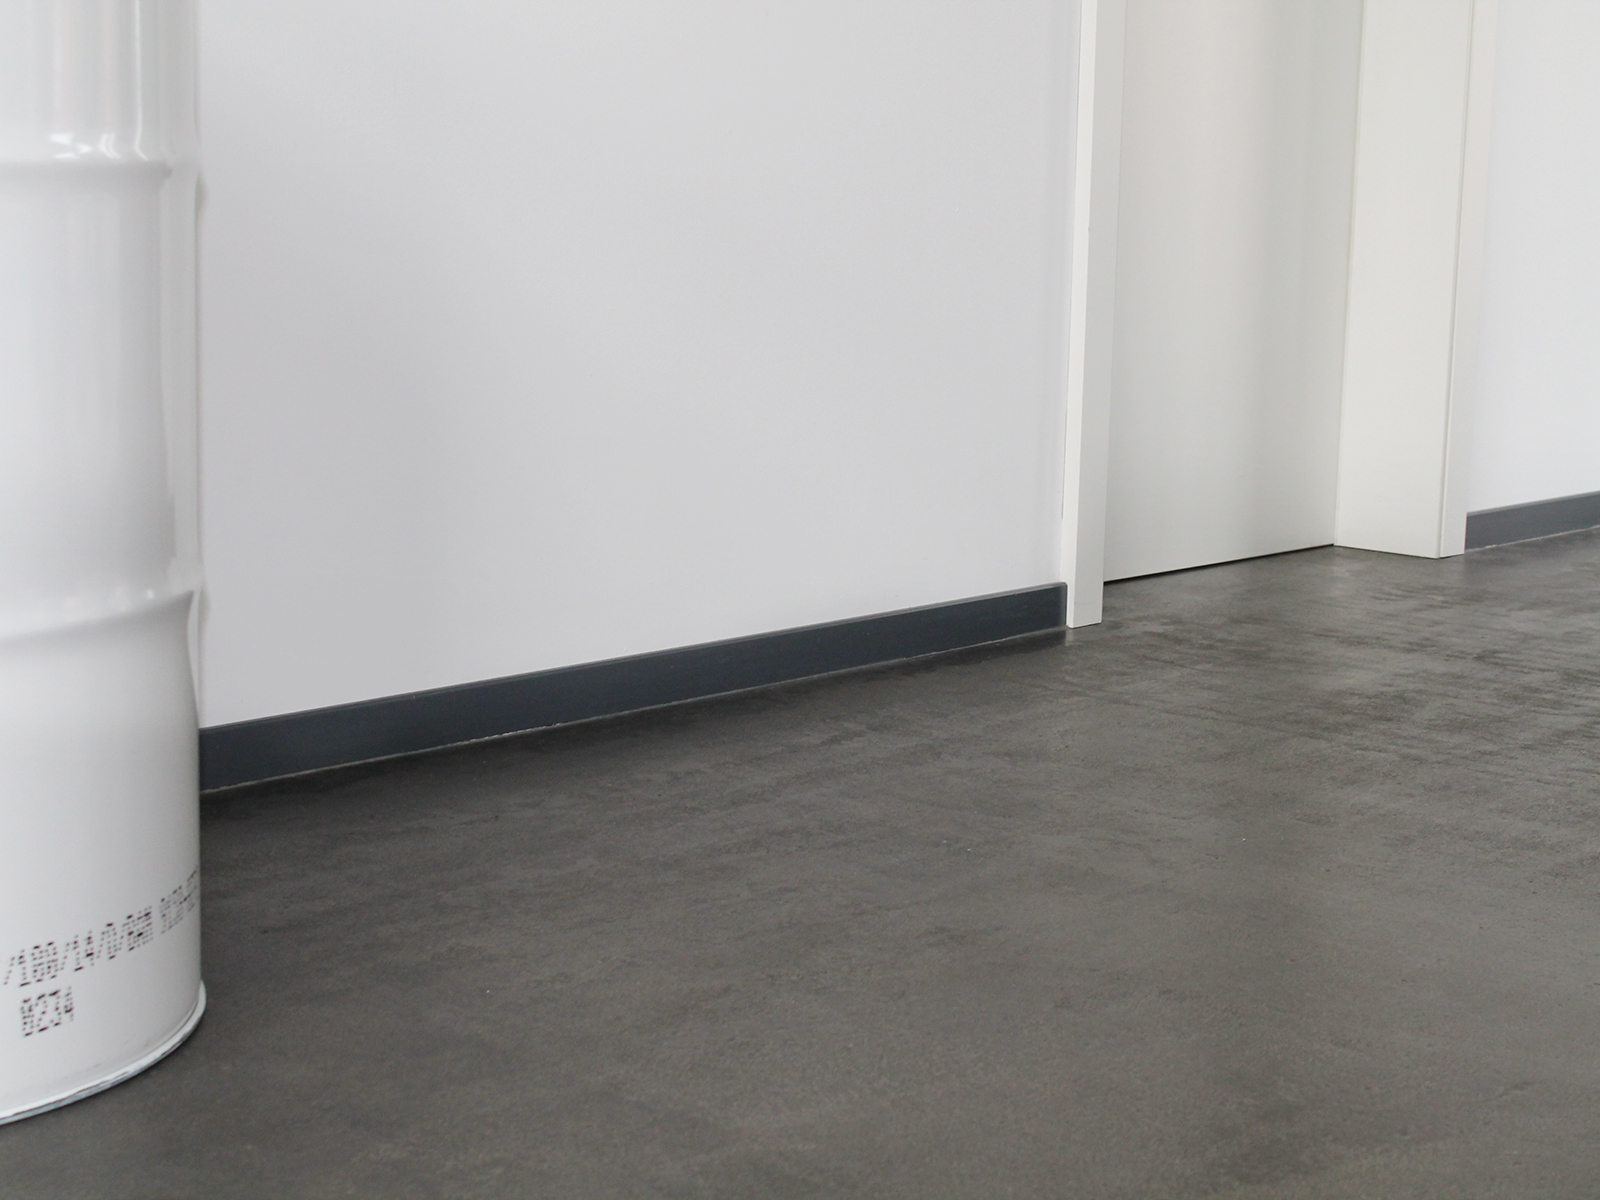 estrich und bodenbelagsarbeiten sichtestrich geschliffen und pu versiegelt bodenbau klinkel. Black Bedroom Furniture Sets. Home Design Ideas